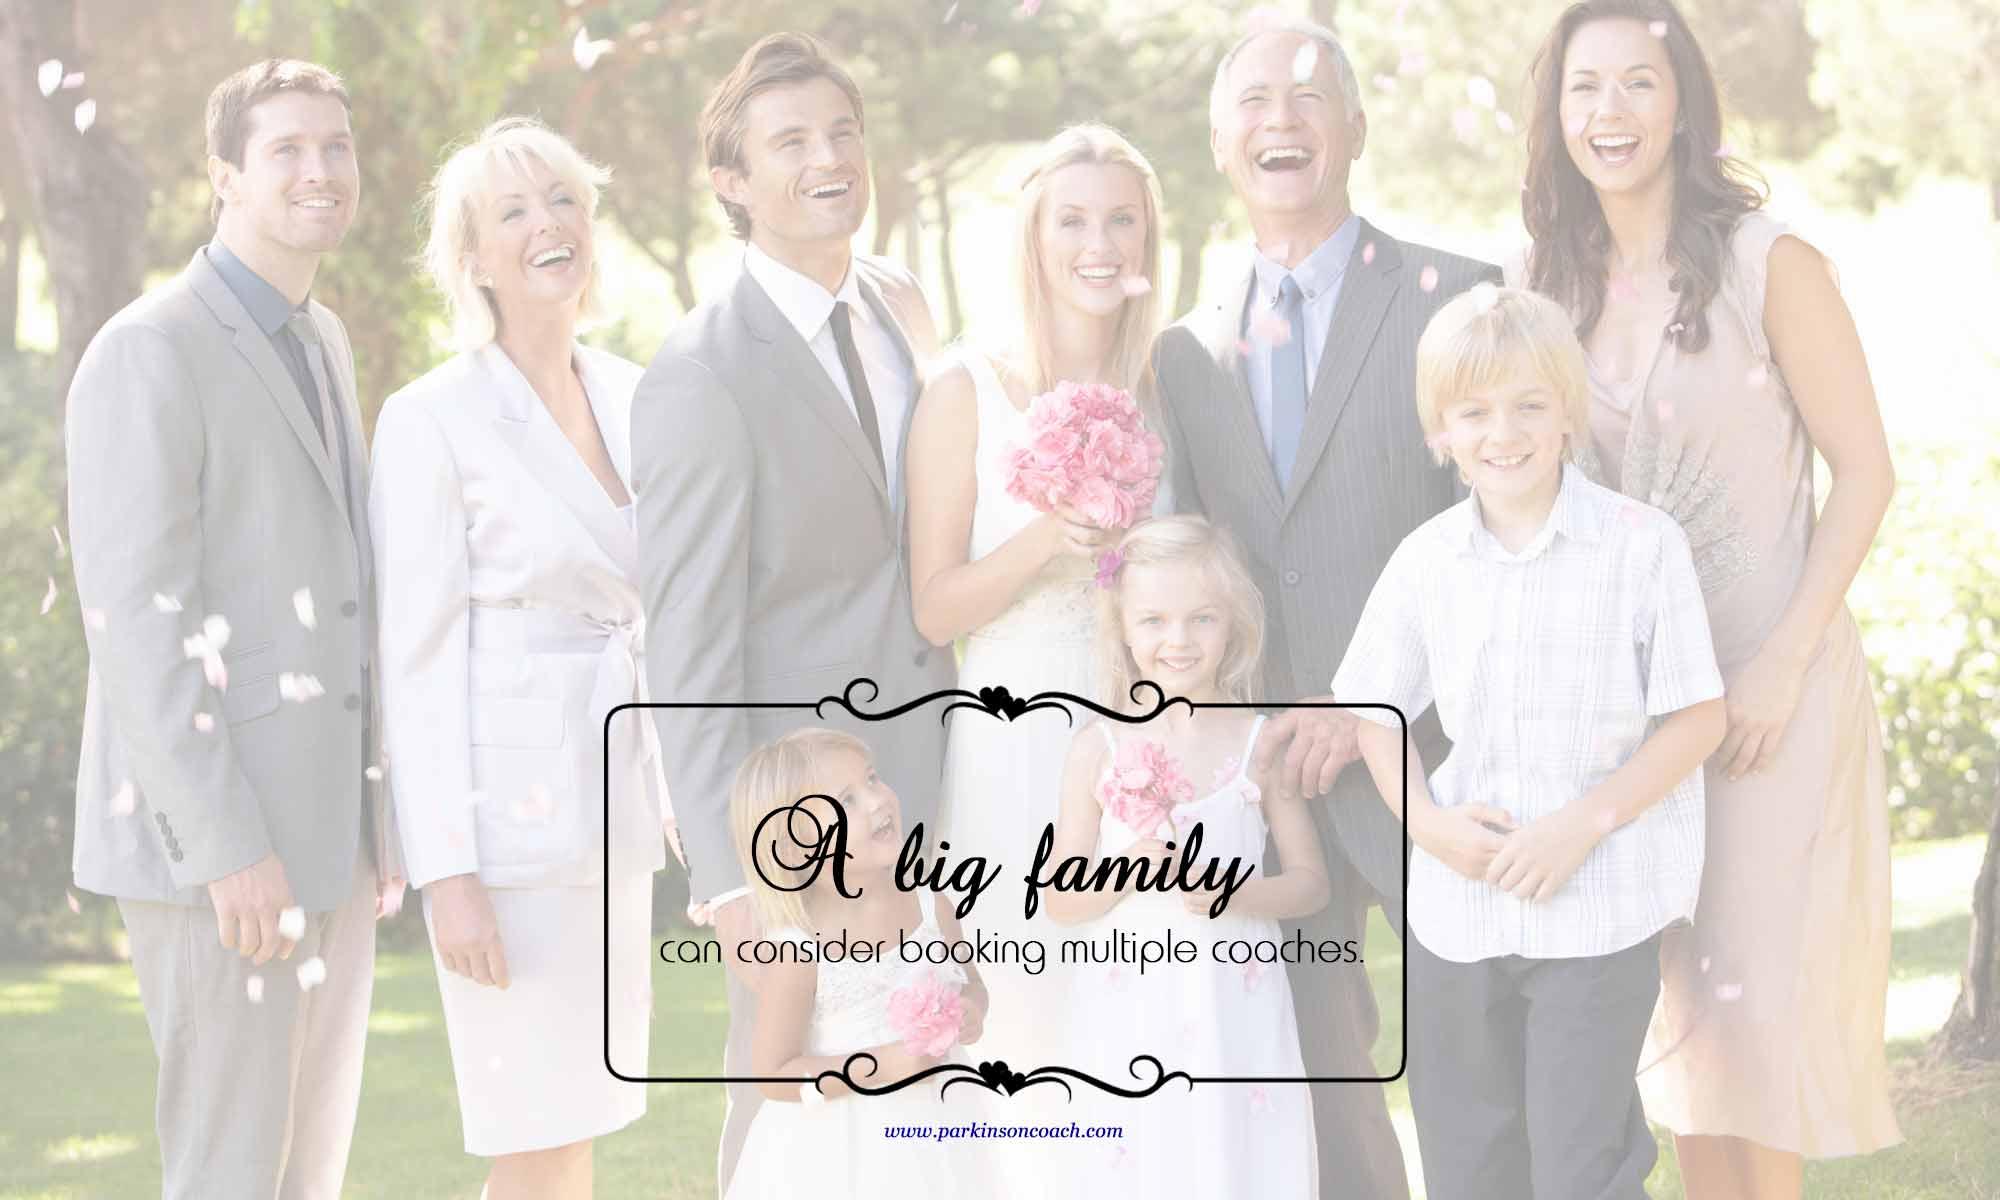 big family image